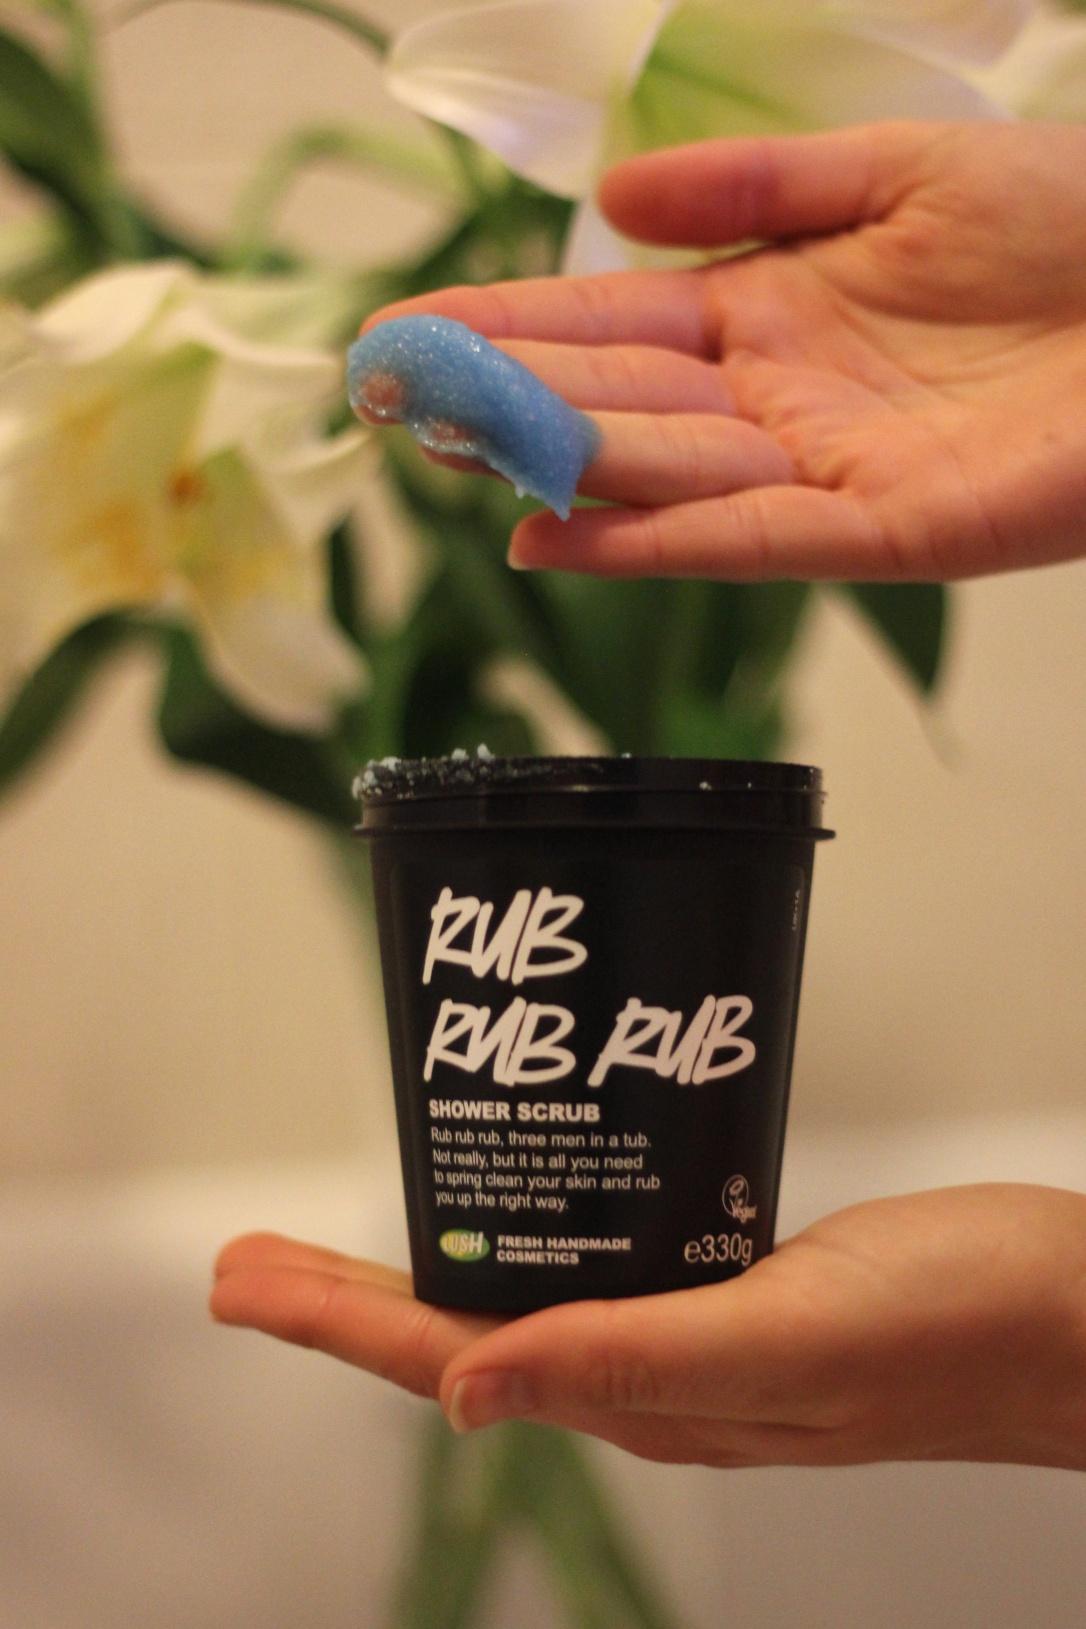 Lush Rub Rub Rub exfoliator